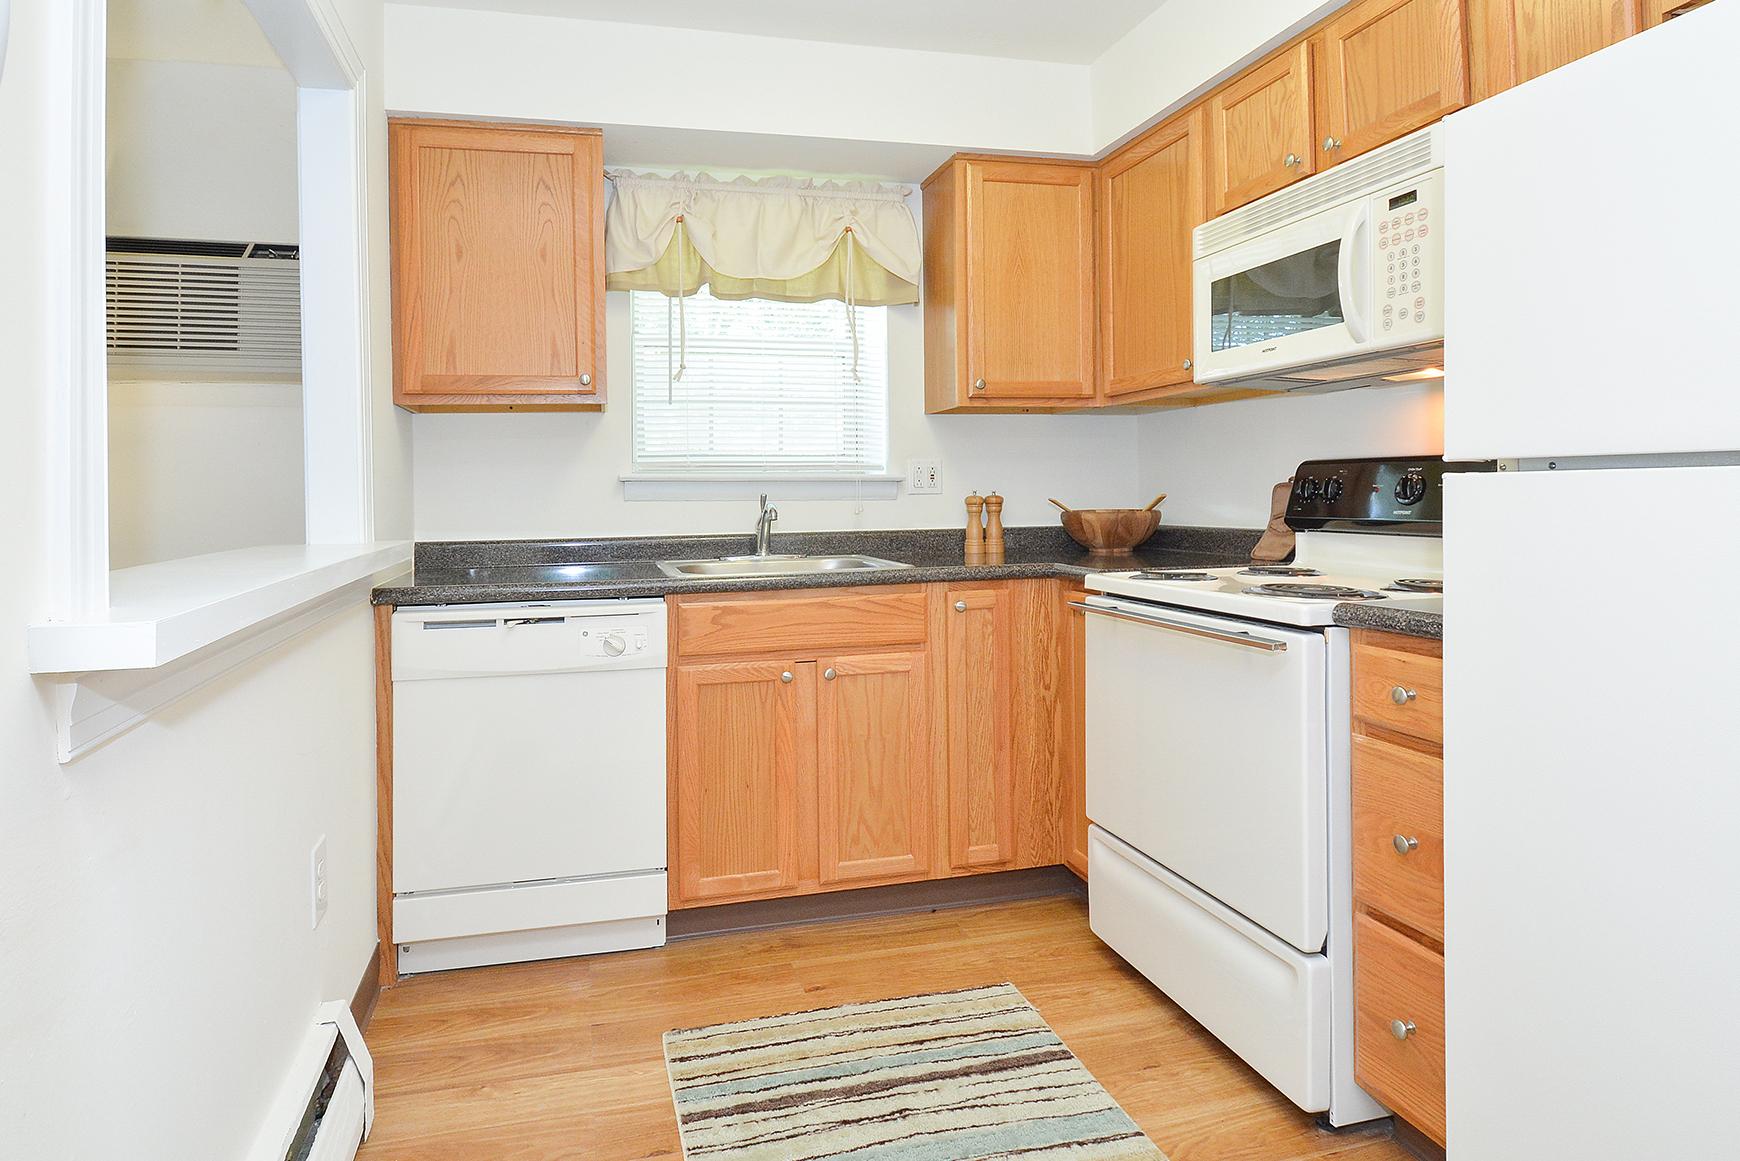 Elegant Kitchen | Apartments in Claymont, DE | Naamans Village Apartments